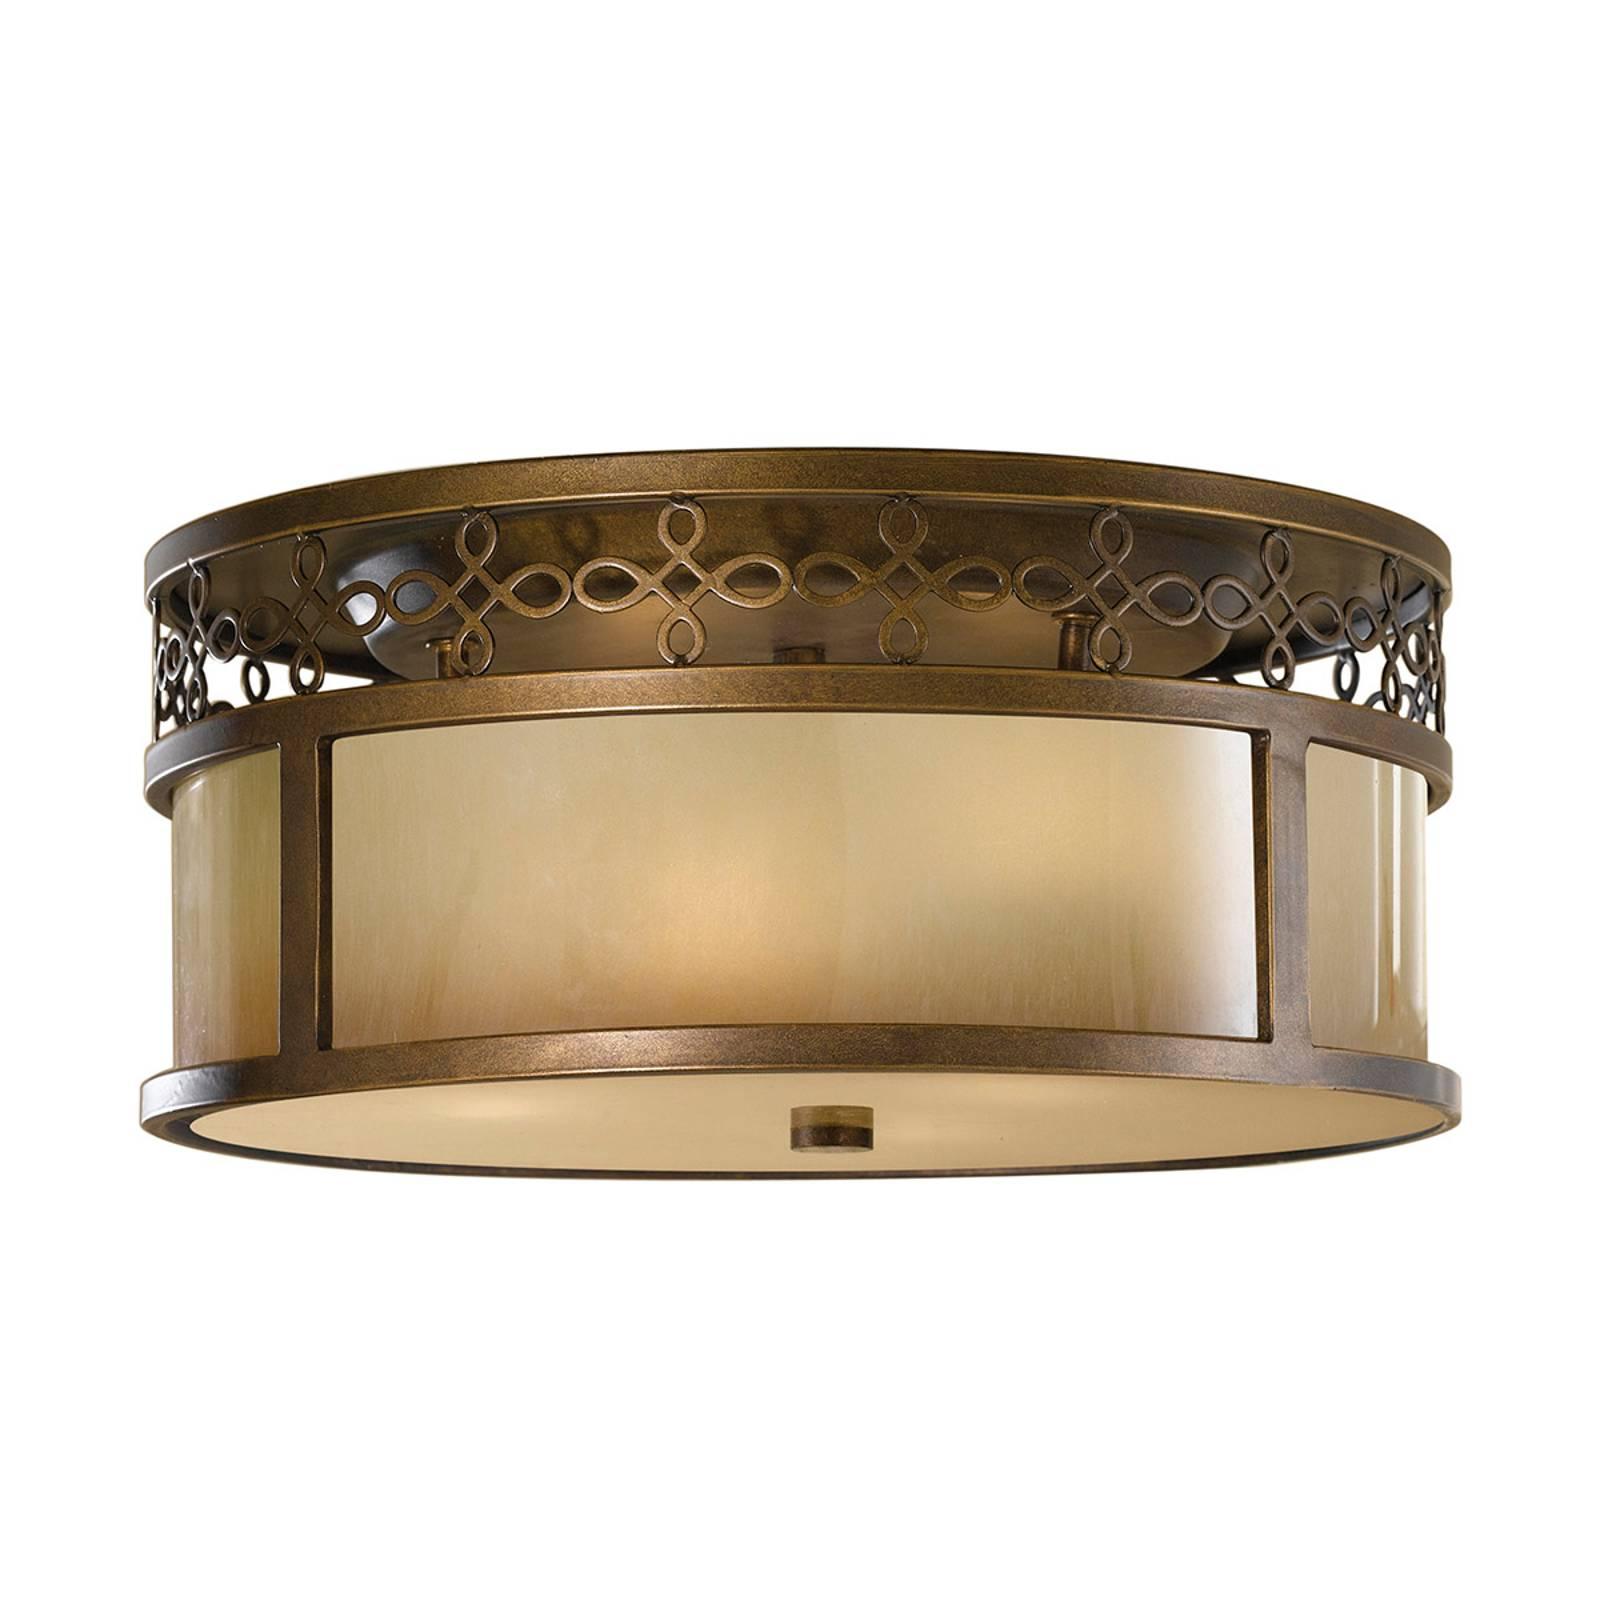 Antieke plafondlamp Justine